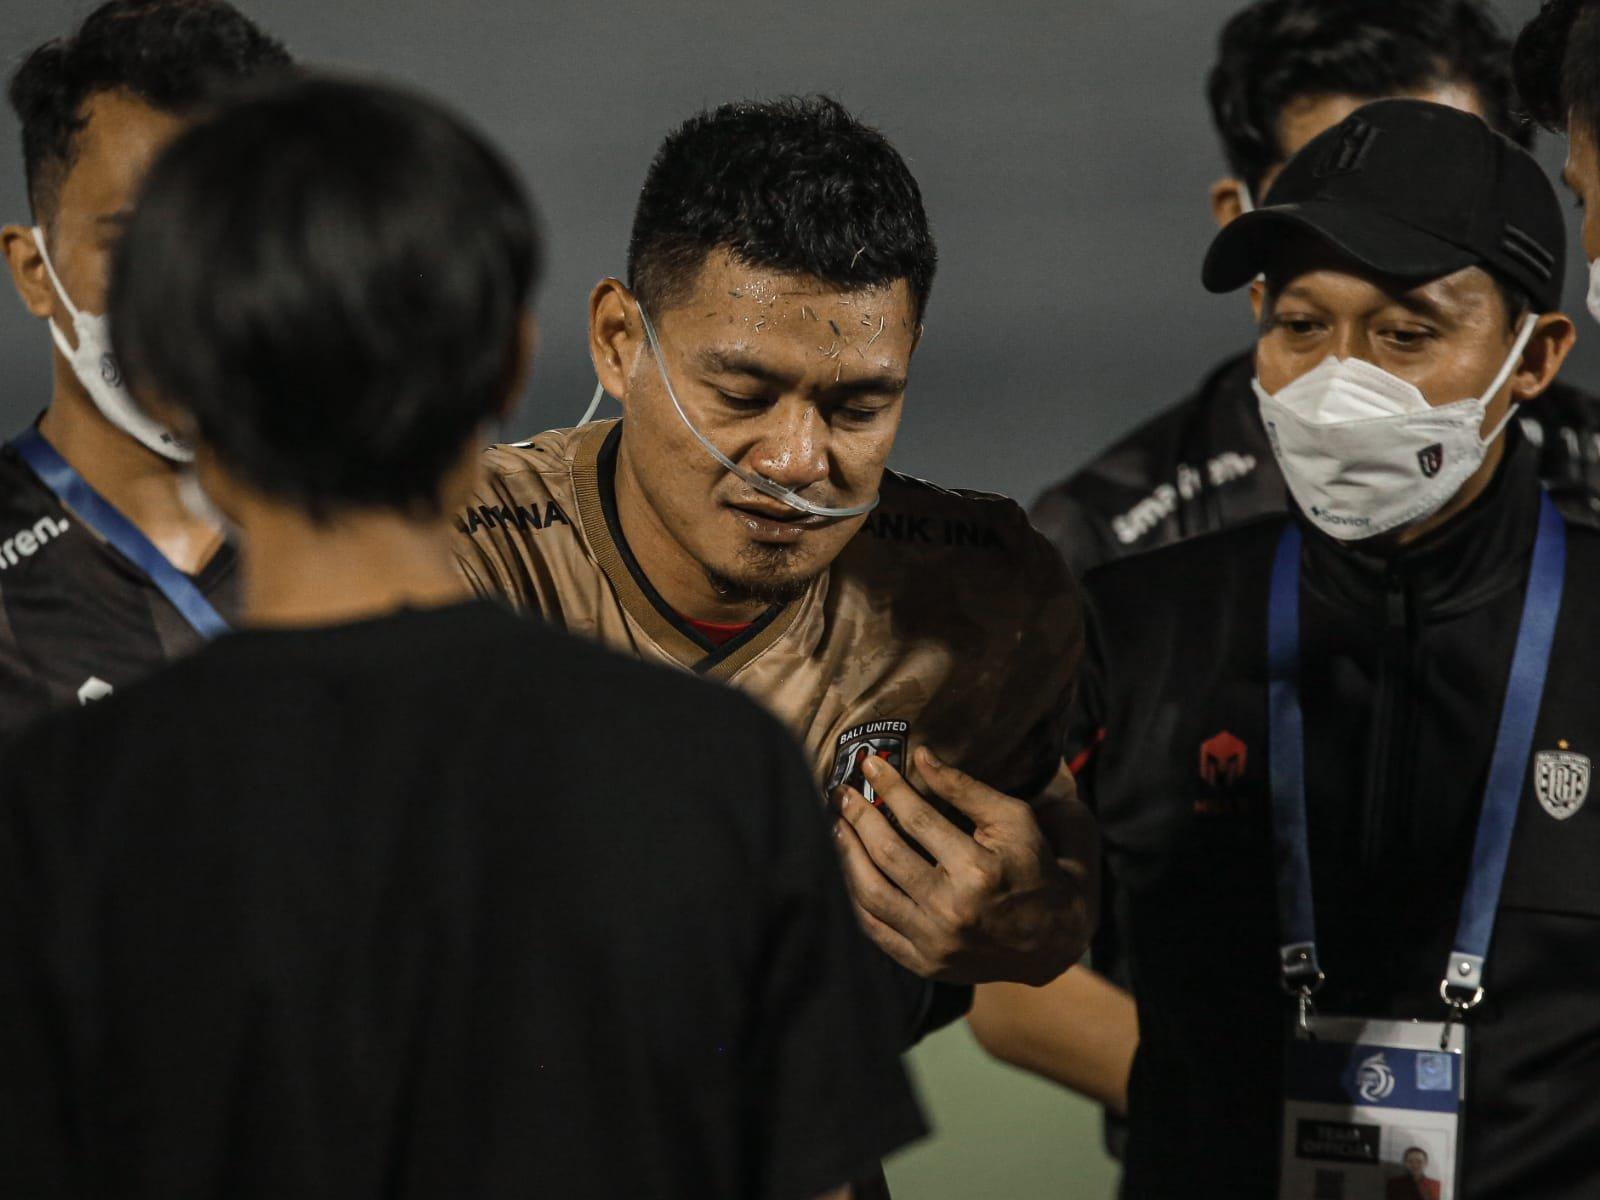 Wawan Hendrawan Terkapar Usai Benturan, Begini Kondisinya Sekarang - JPNN.com Bali